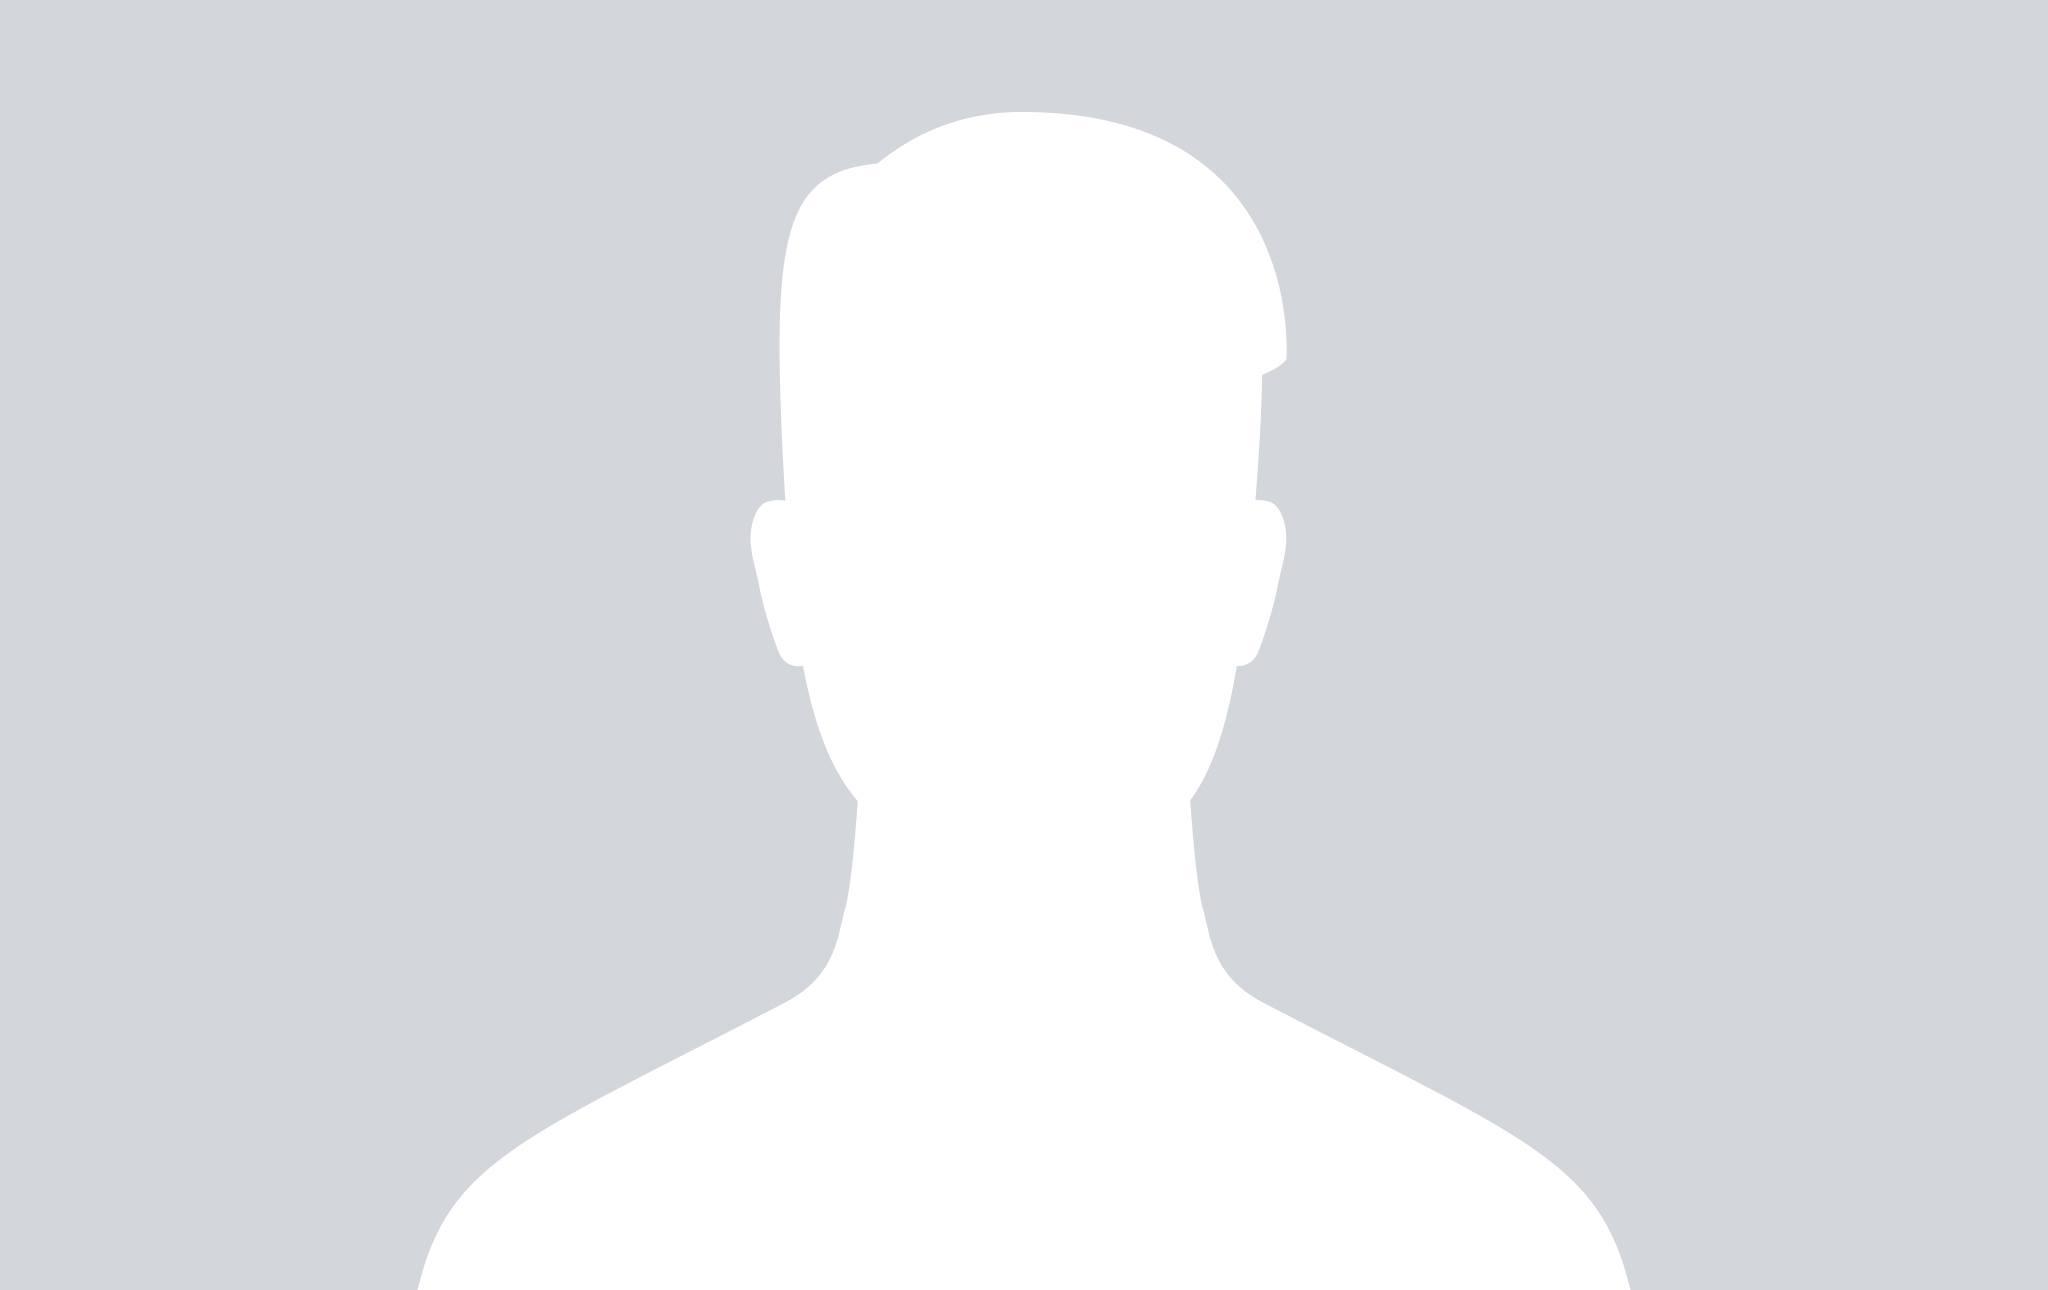 https://d2yht872mhrlra.cloudfront.net/user/76103/user_76103.jpg